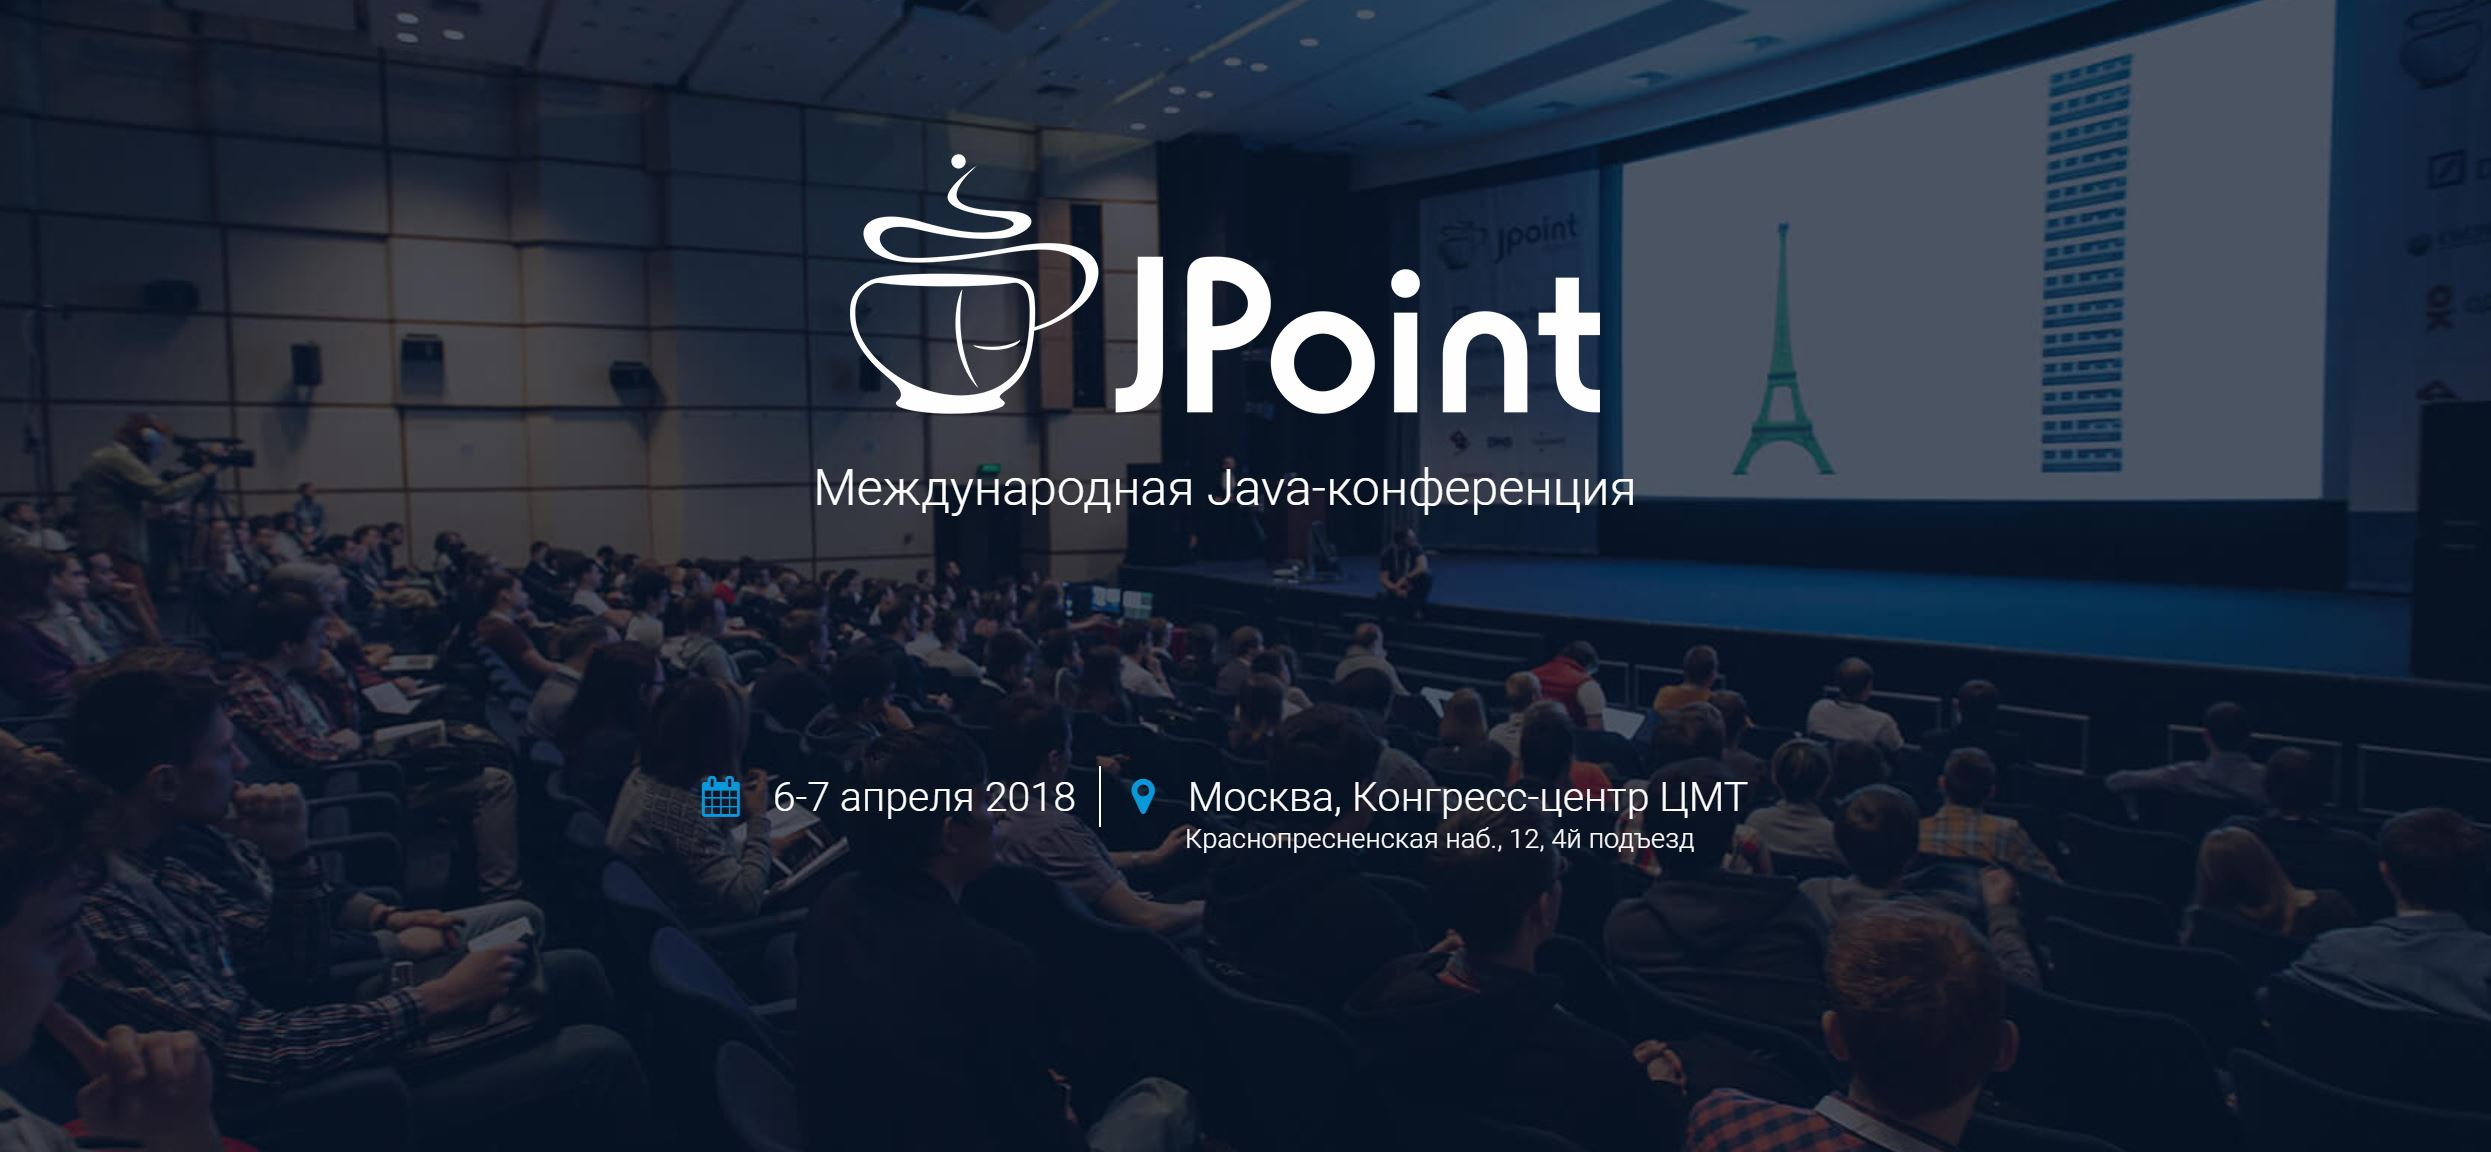 Анонс Java-конференции JPoint 2018: JDK 9, высокие нагрузки и производительность JVM